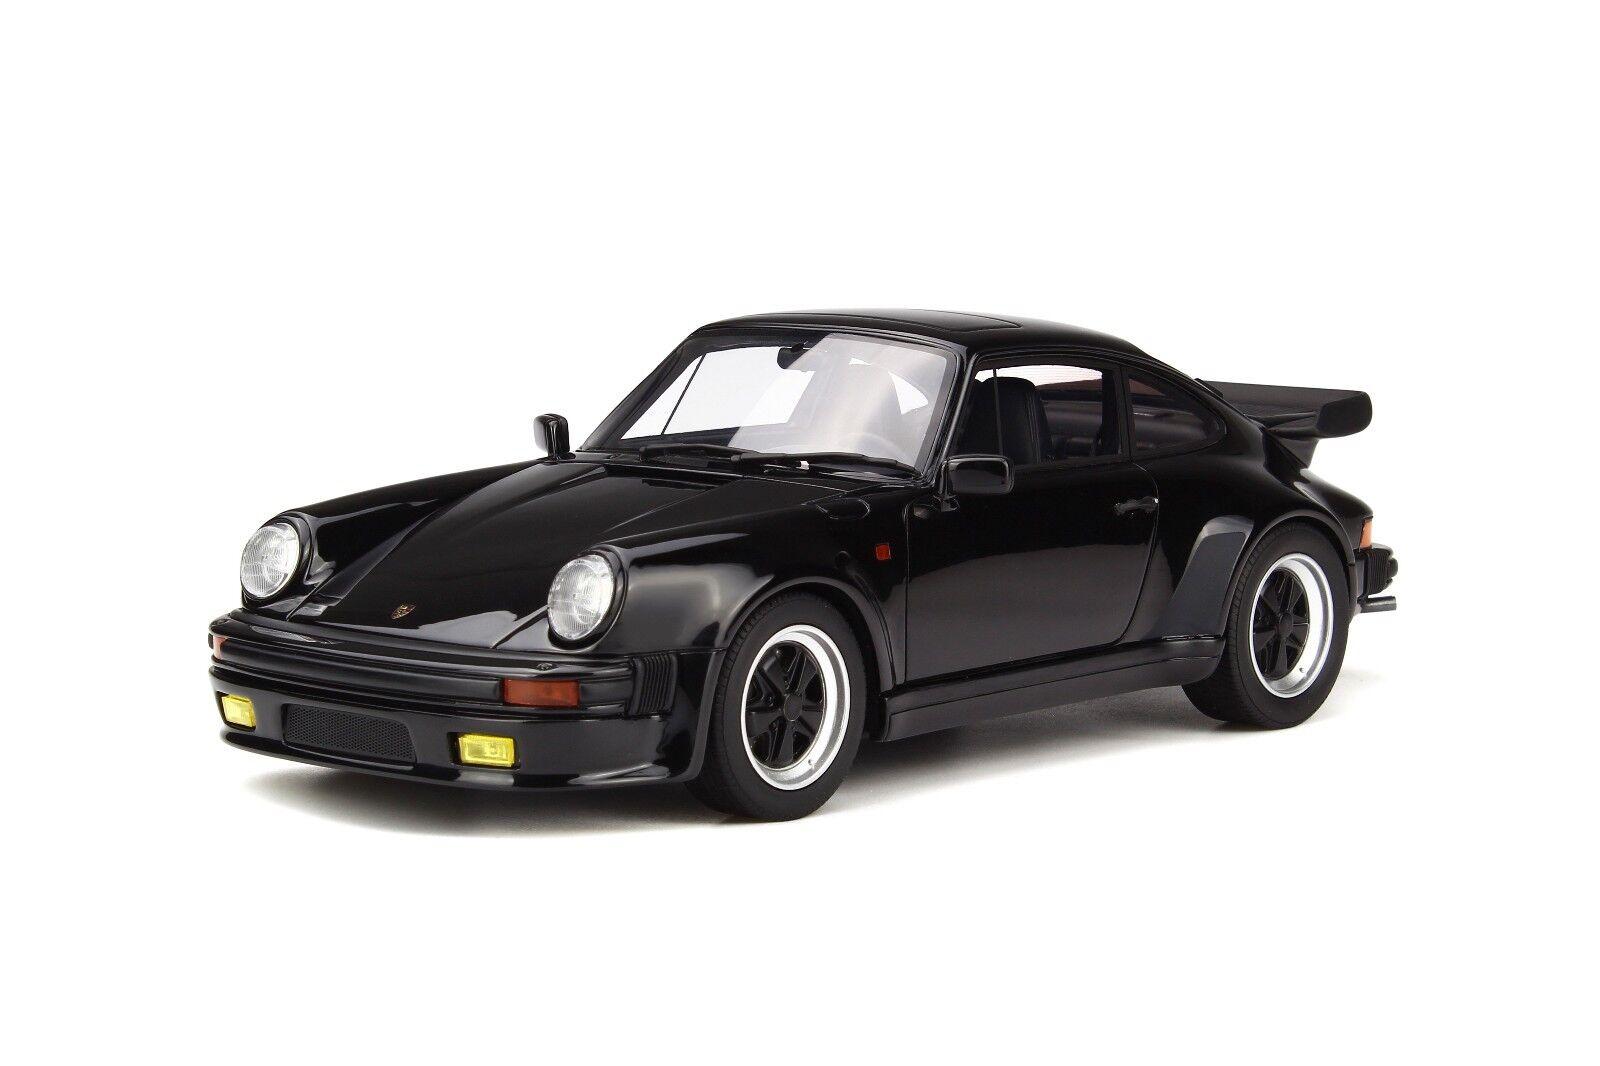 Porsche 911 (930) Turbo S S S * NOUVEAU * GT Spirit gt178 * 1:18 | Moelleux Et Léger  19008a